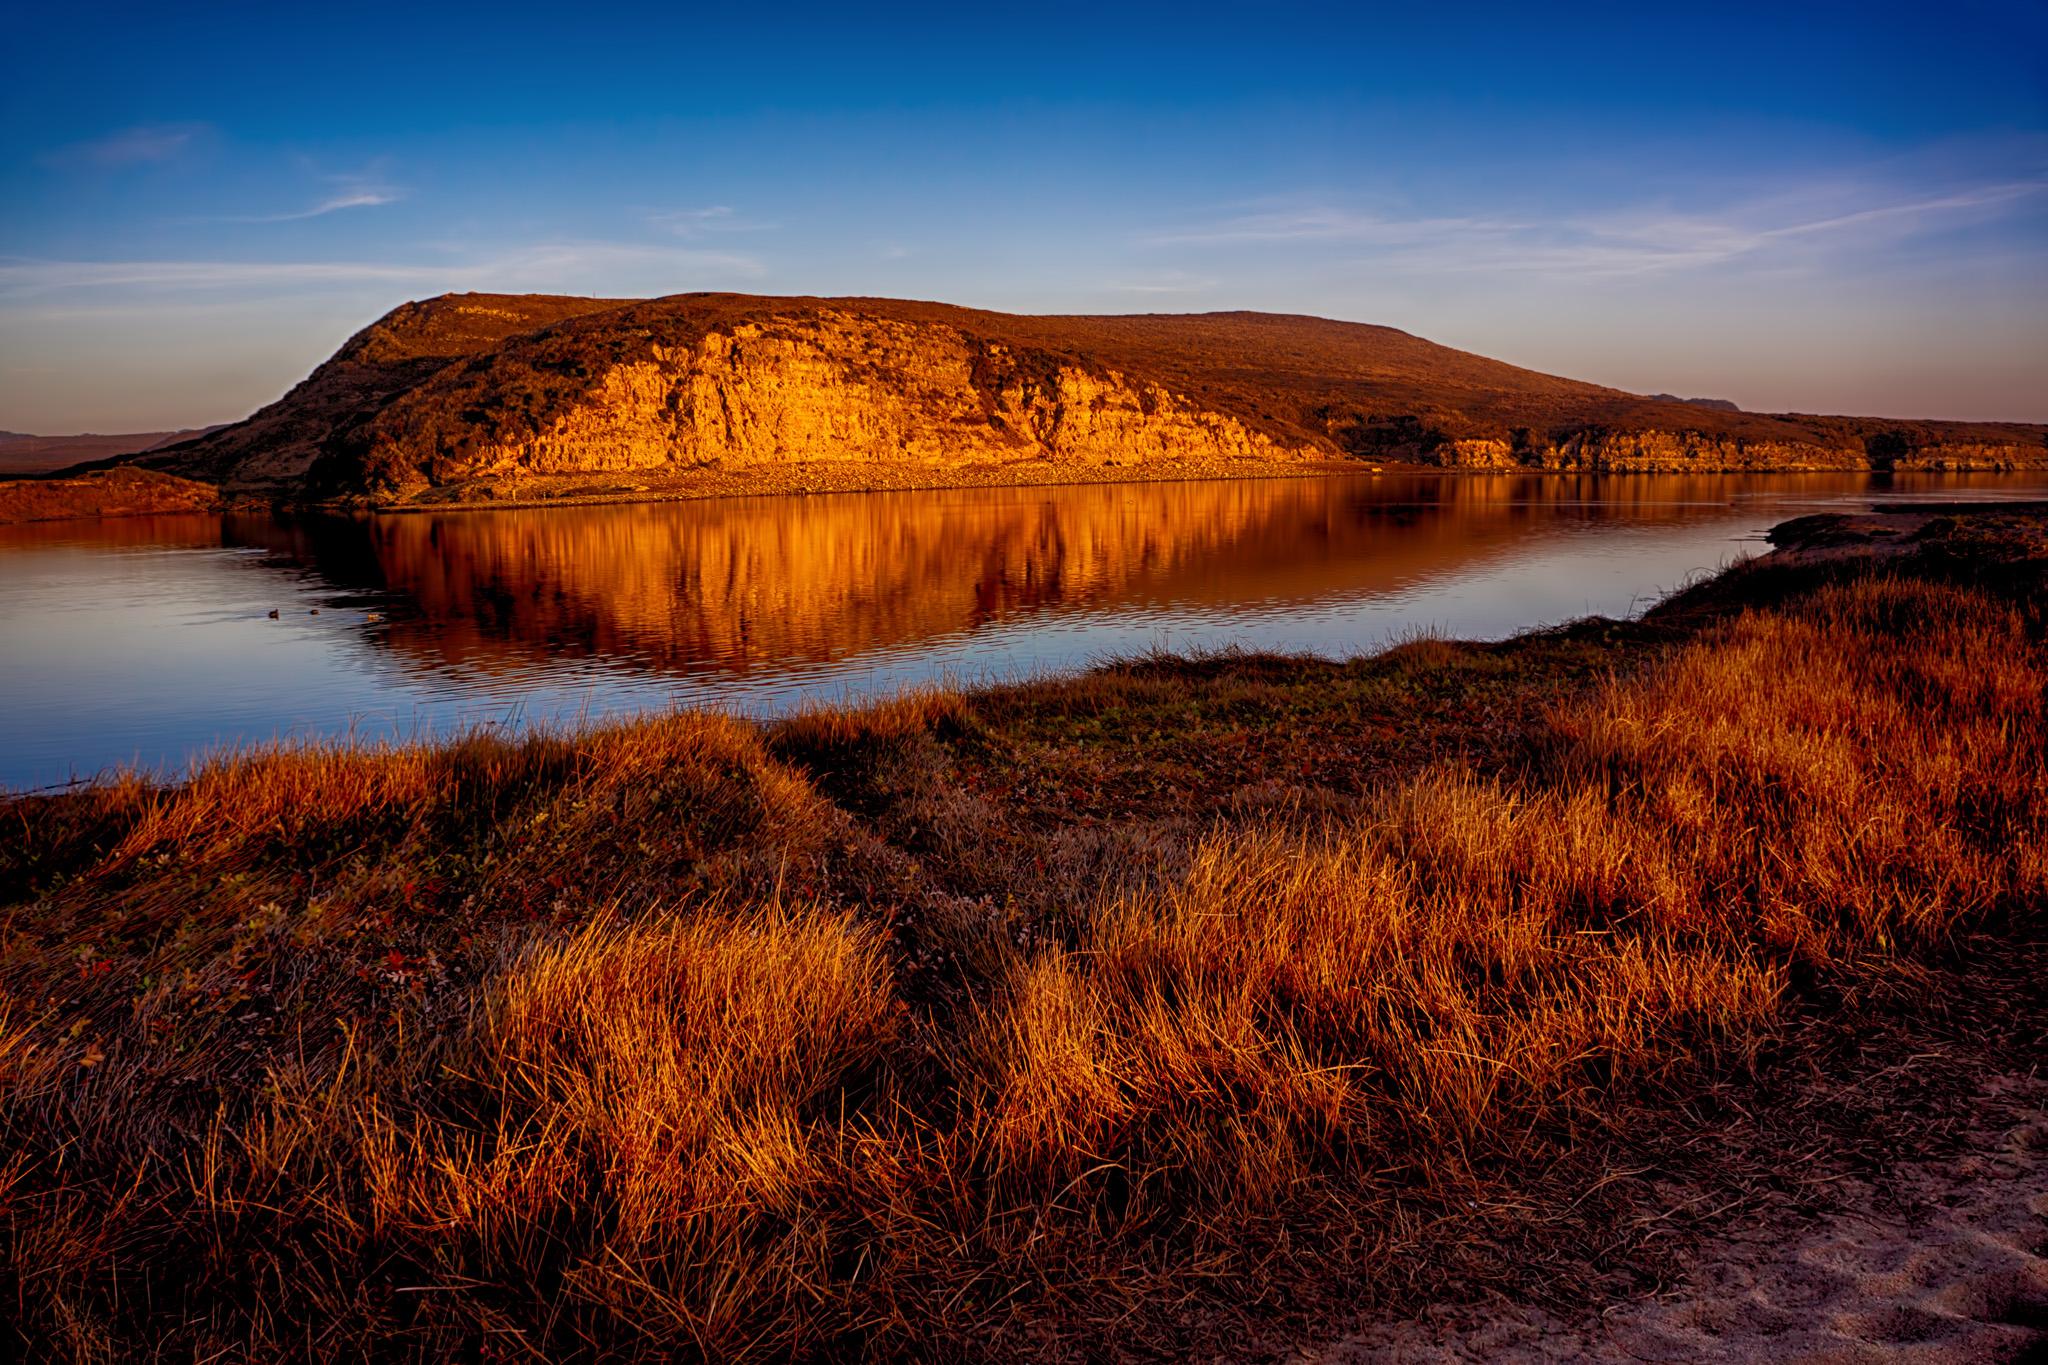 Abbotts Lagoon at Sunset